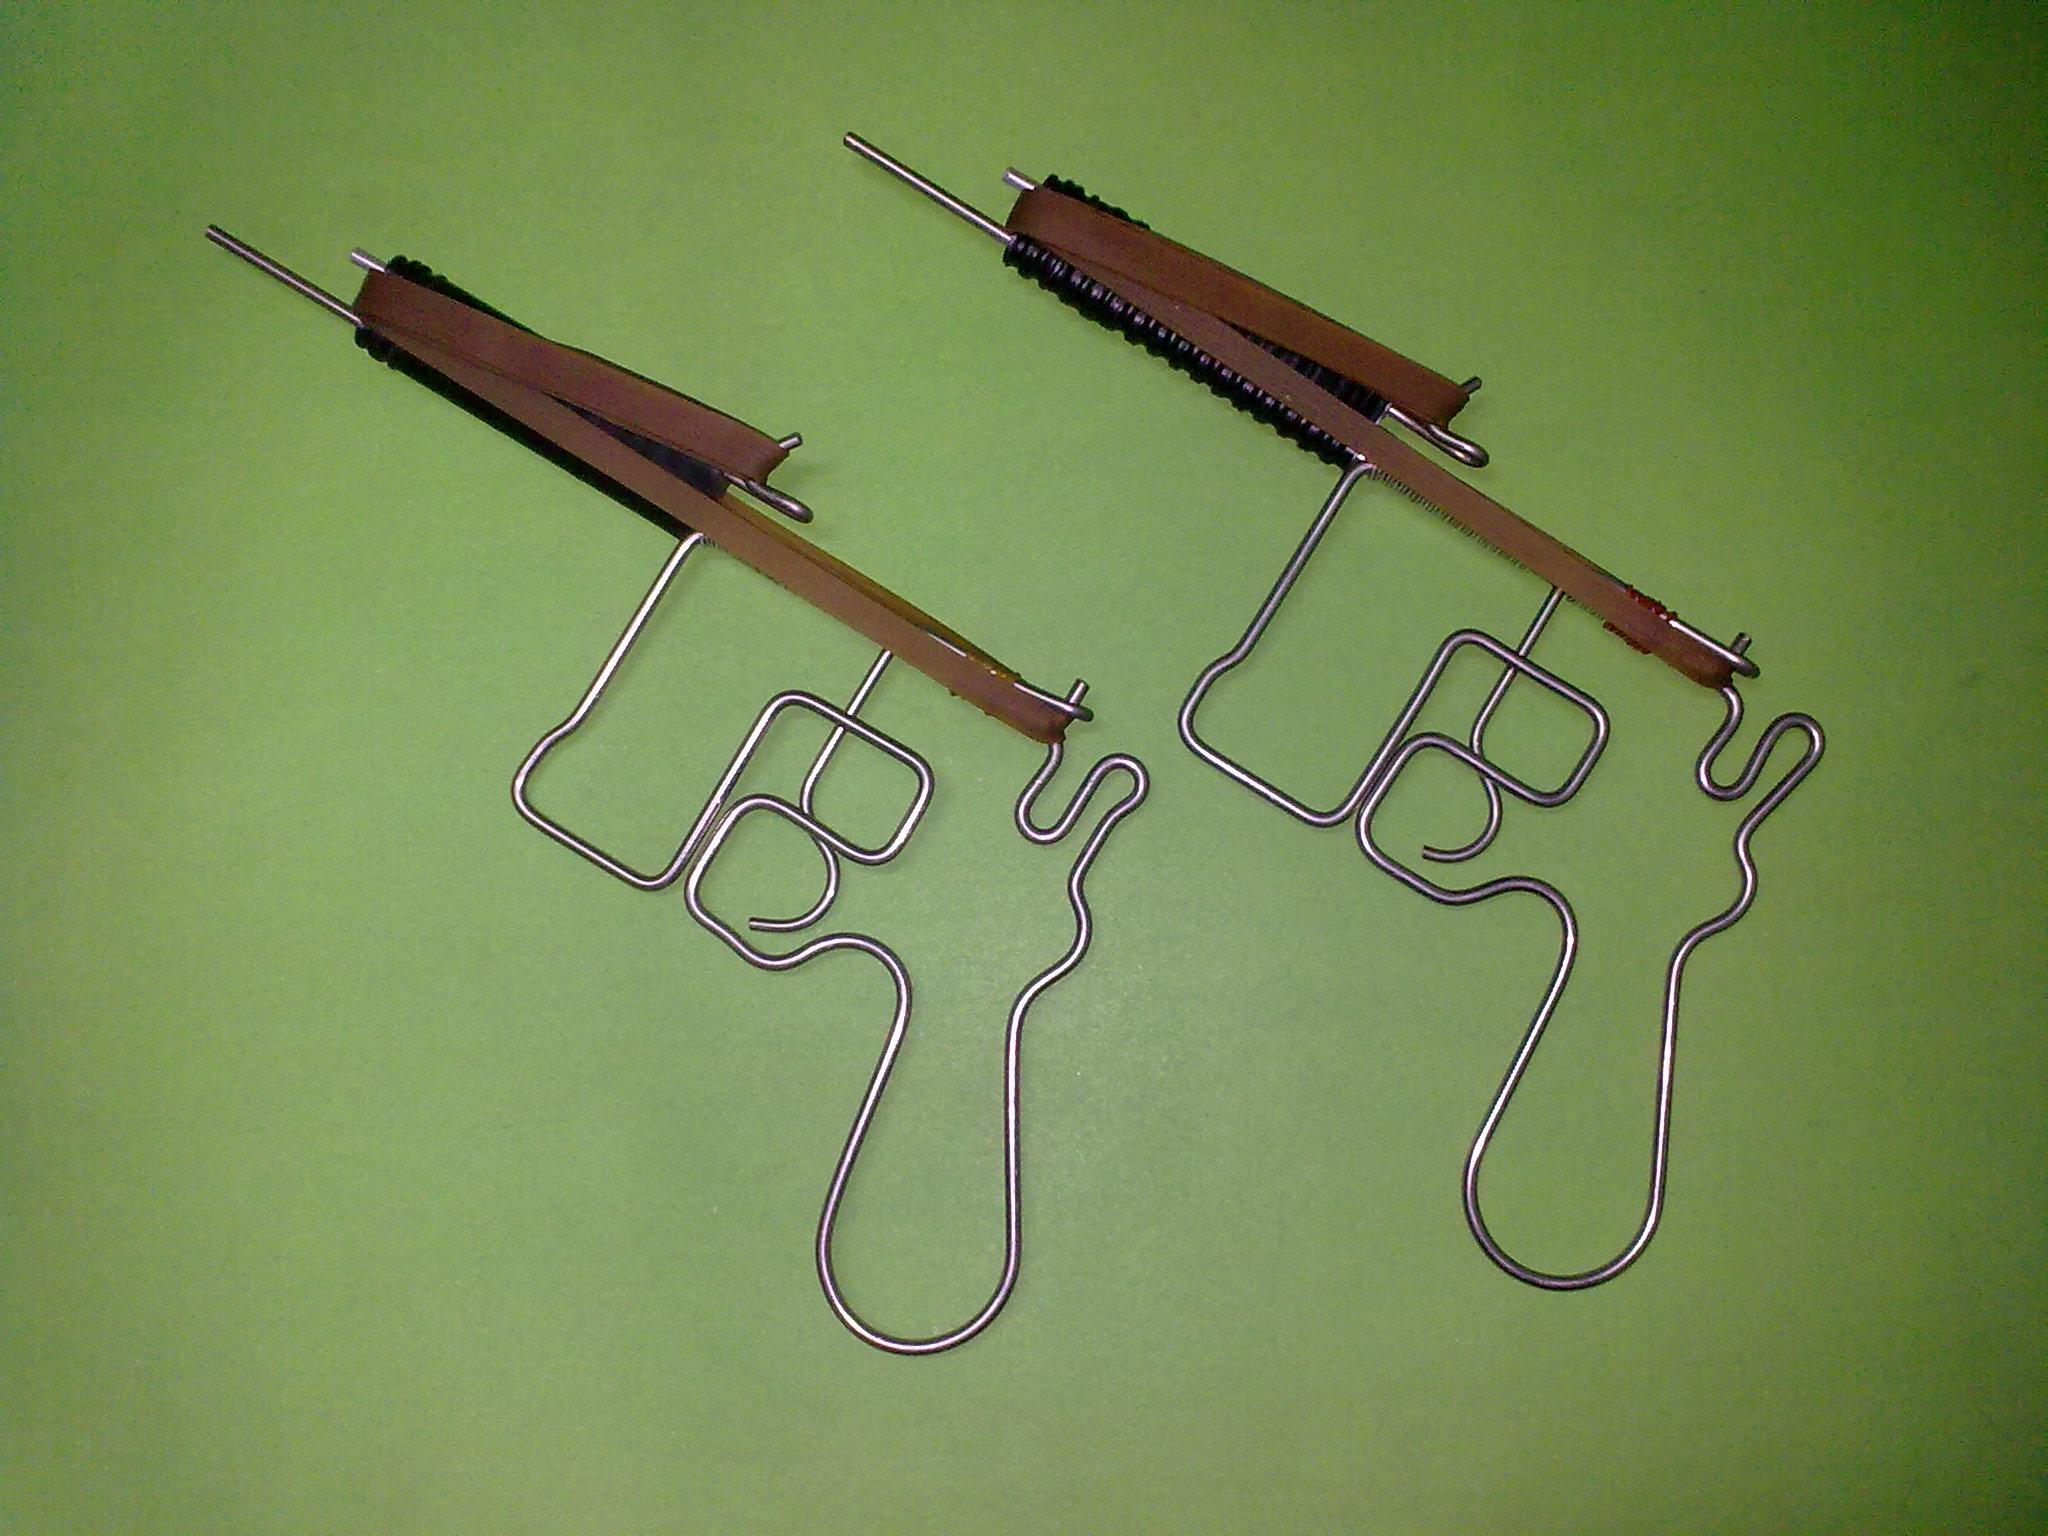 品 铁丝 工艺 品 制作 铁丝 工艺 品 制作 教程